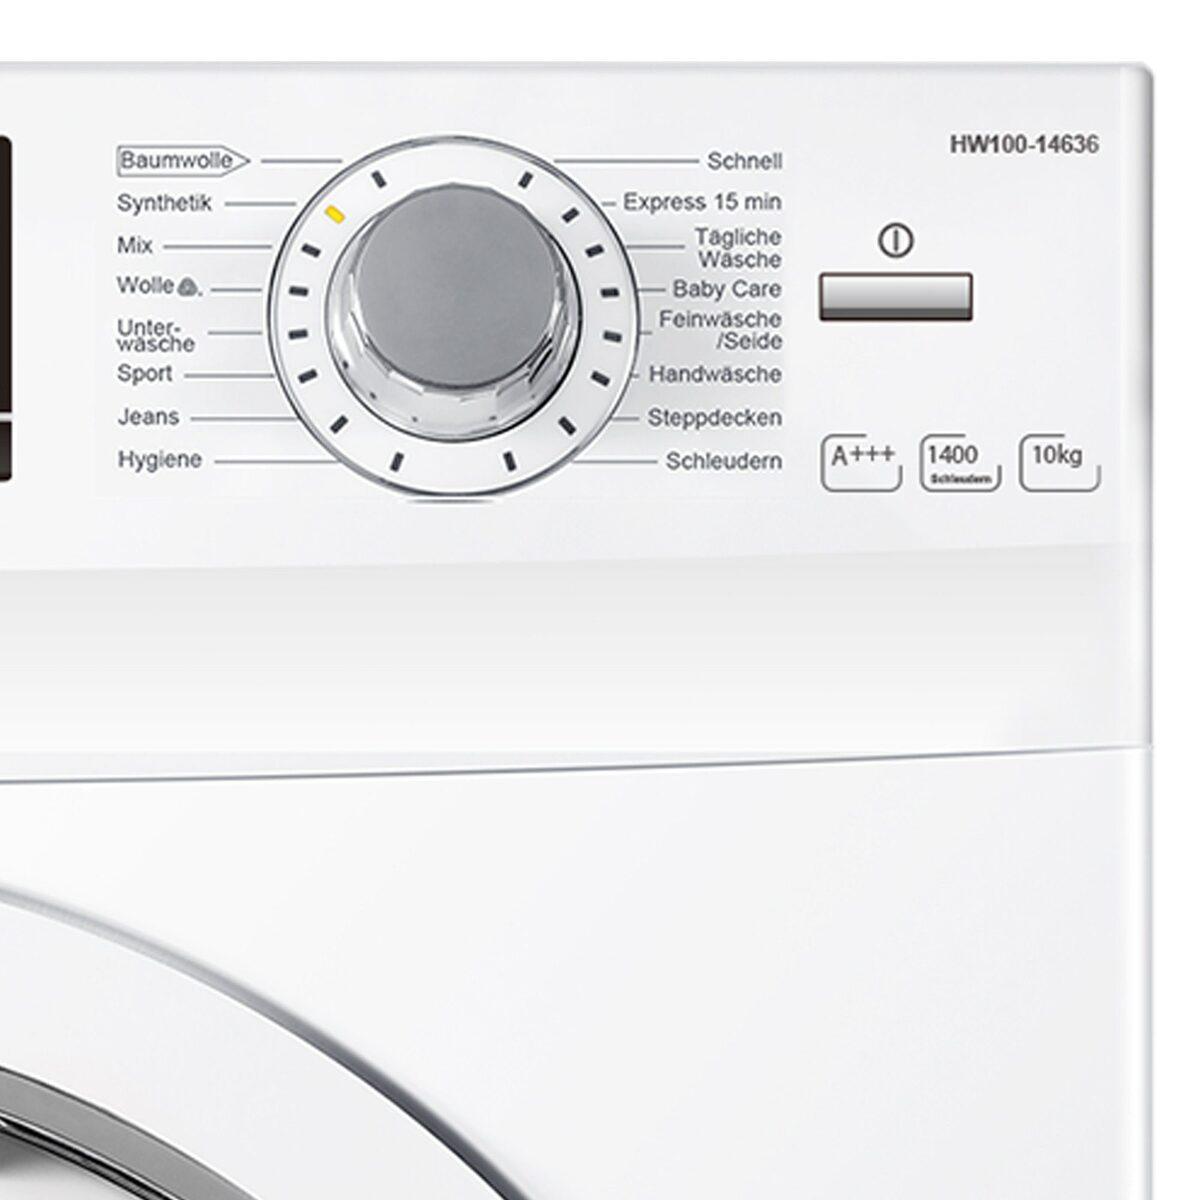 Bild 4 von Haier Waschmaschine HW100-14636, 10 kg, 1400 U/Min, AquaProtect Schlauch Woolmark-zertifiziertes Wollwaschprogramm